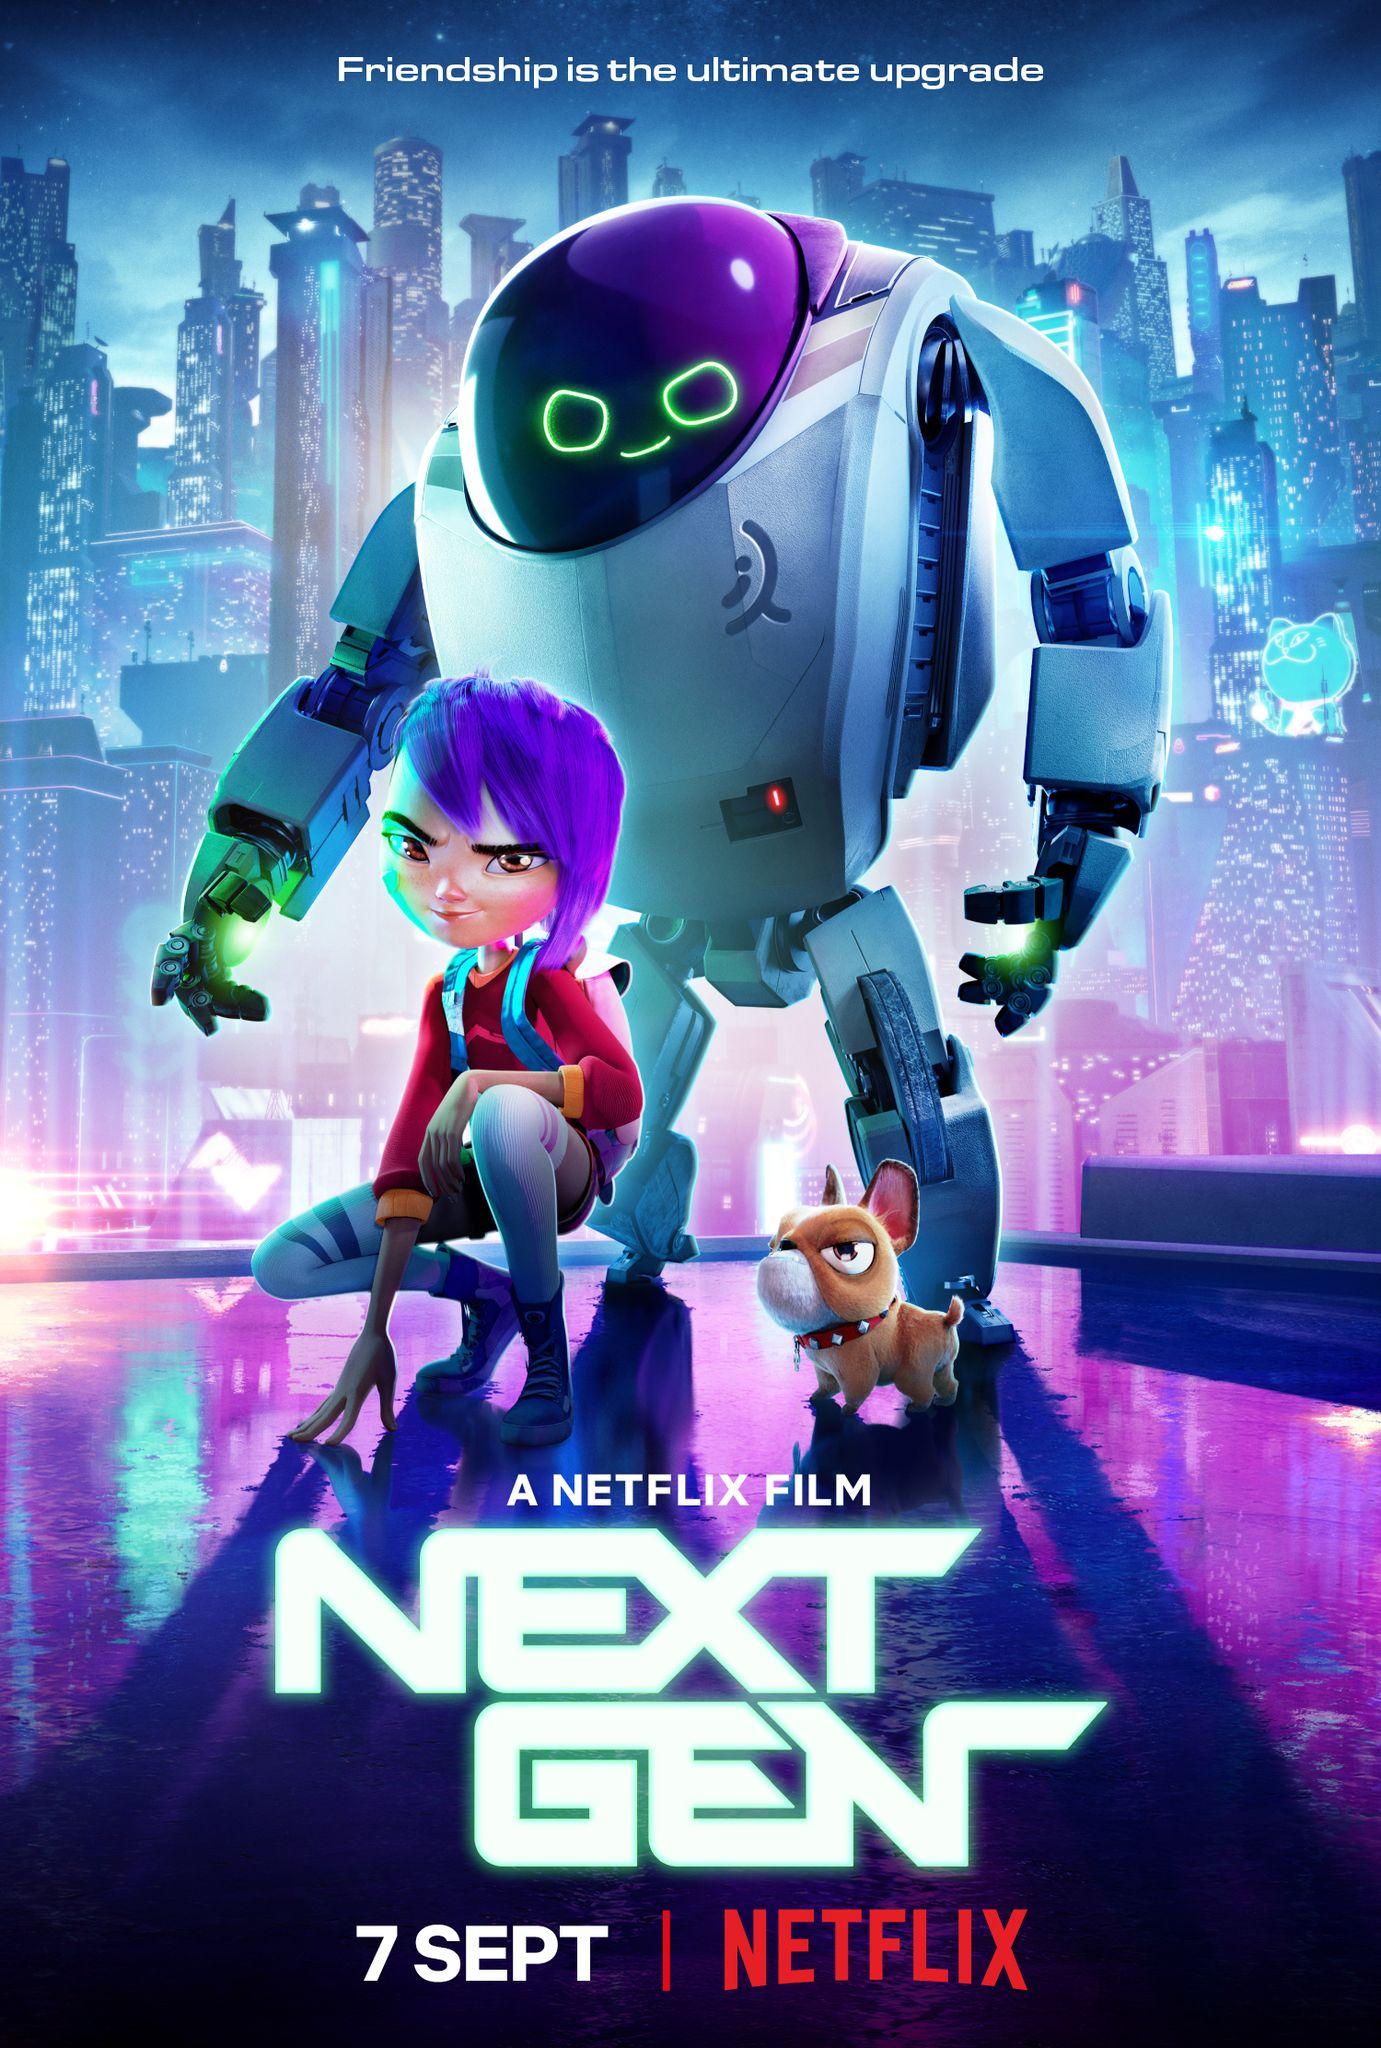 Next Gen Izle Next Gen Netflix Izle Indirmeden Online Izle Tek